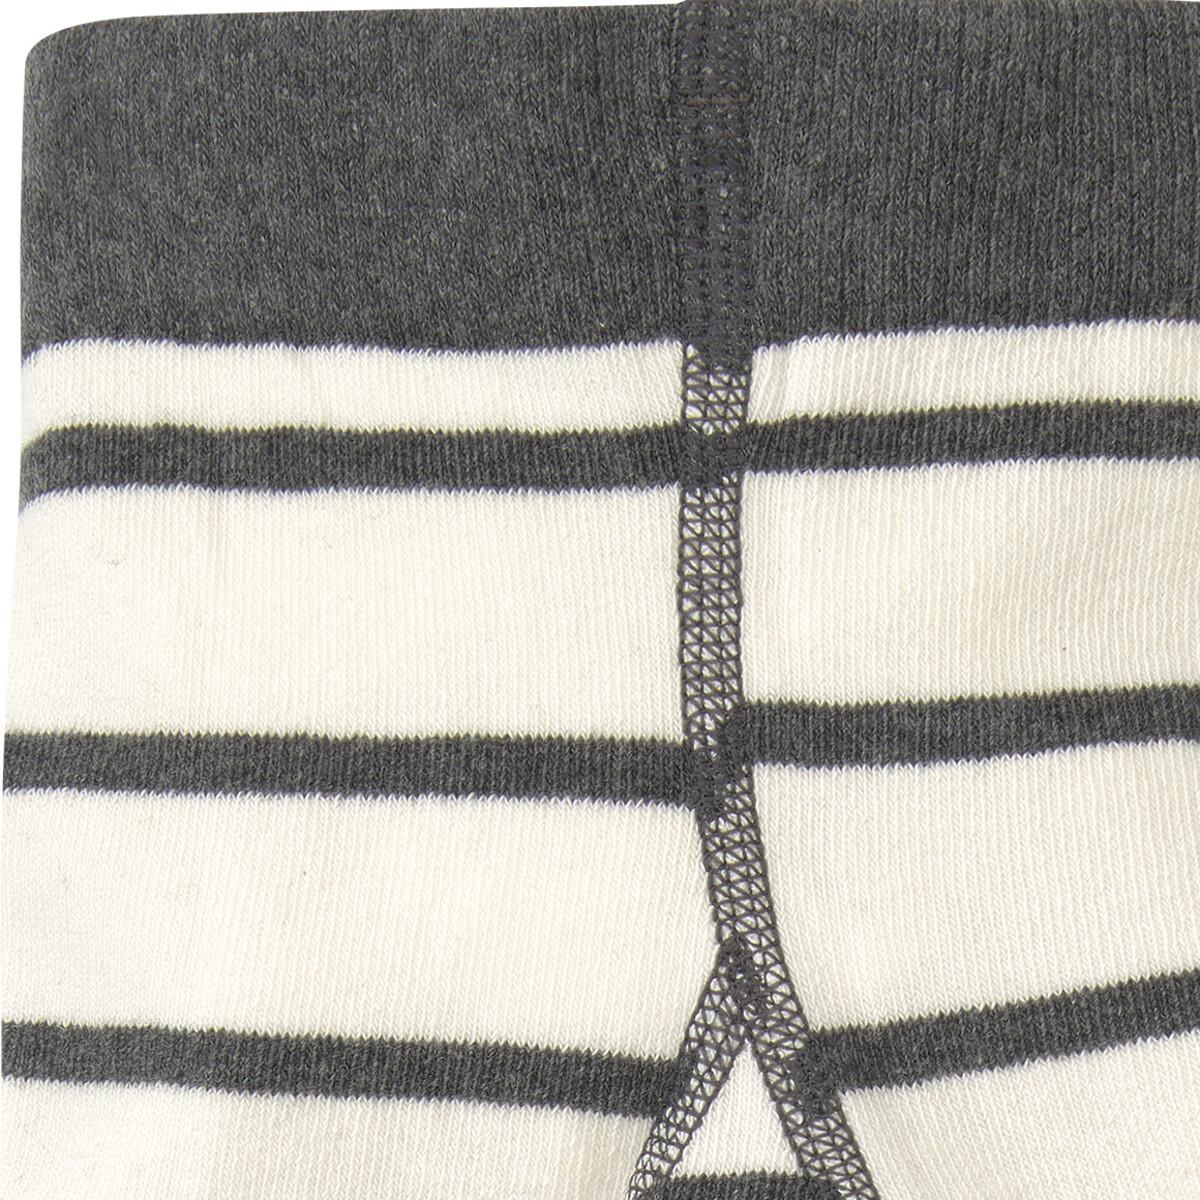 Bild 4 von Baby Strumpfhose mit elastischem Bund